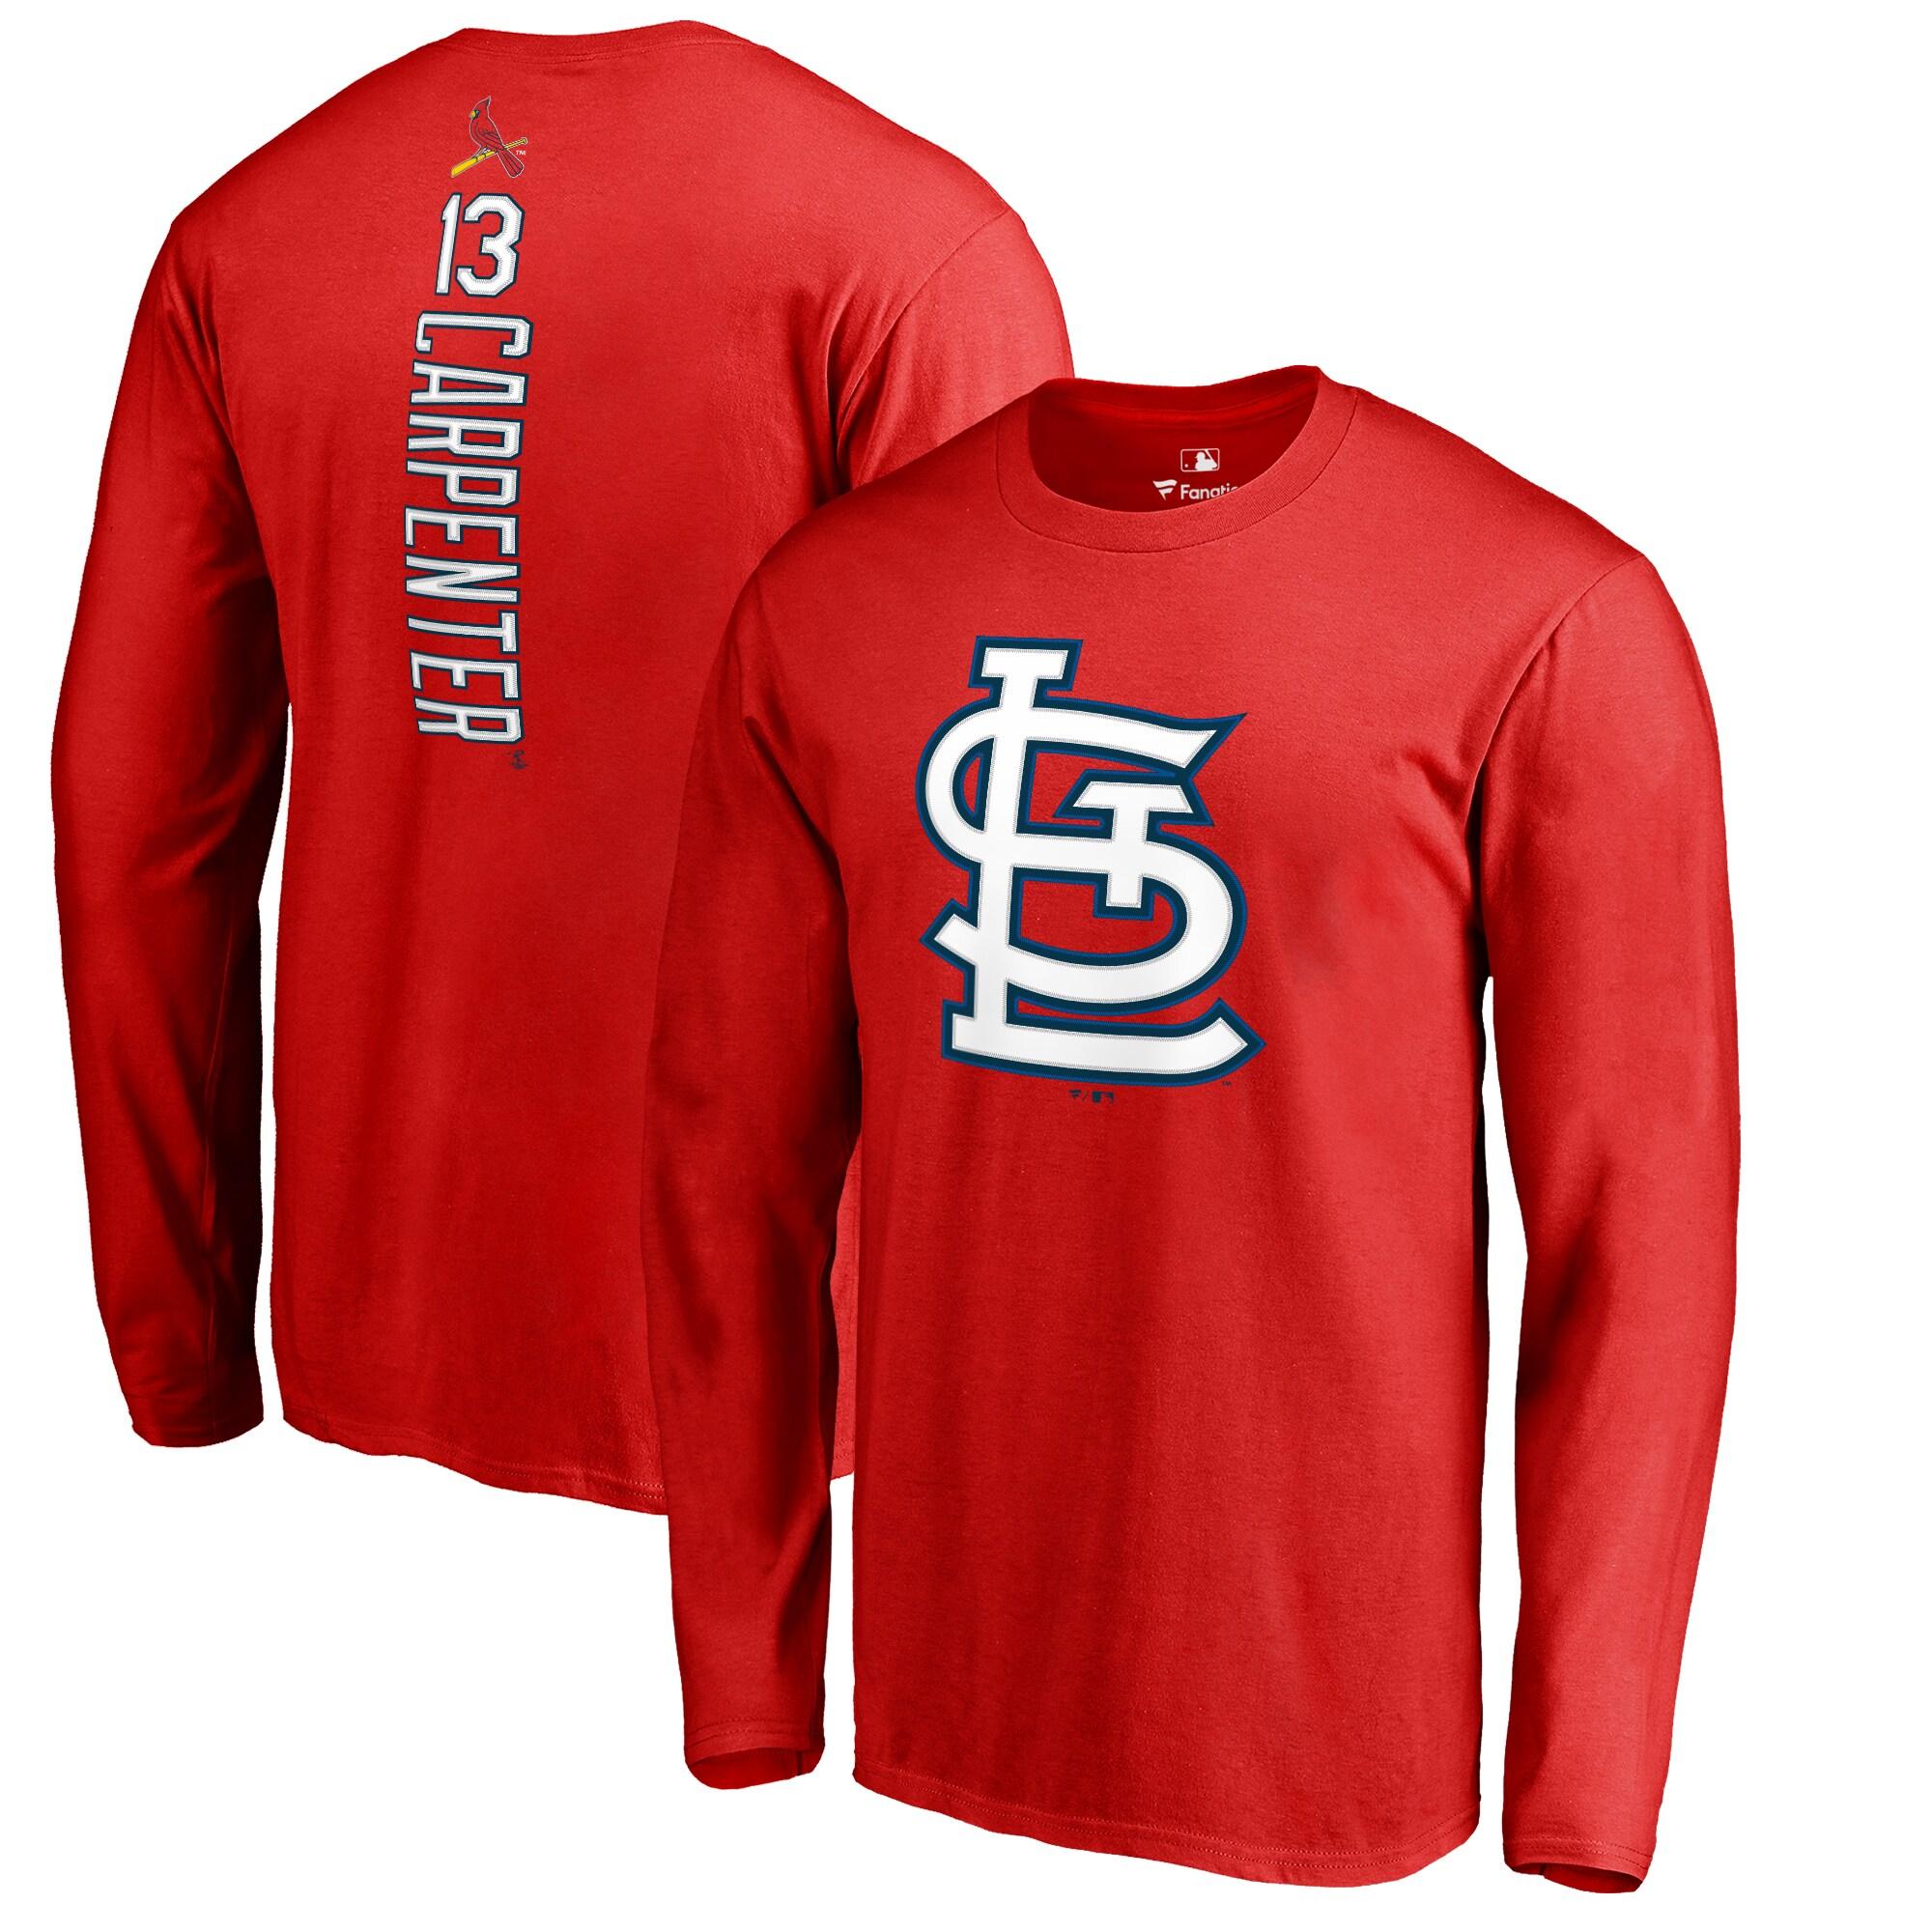 Matt Carpenter St. Louis Cardinals Backer Long Sleeve T-Shirt - Red